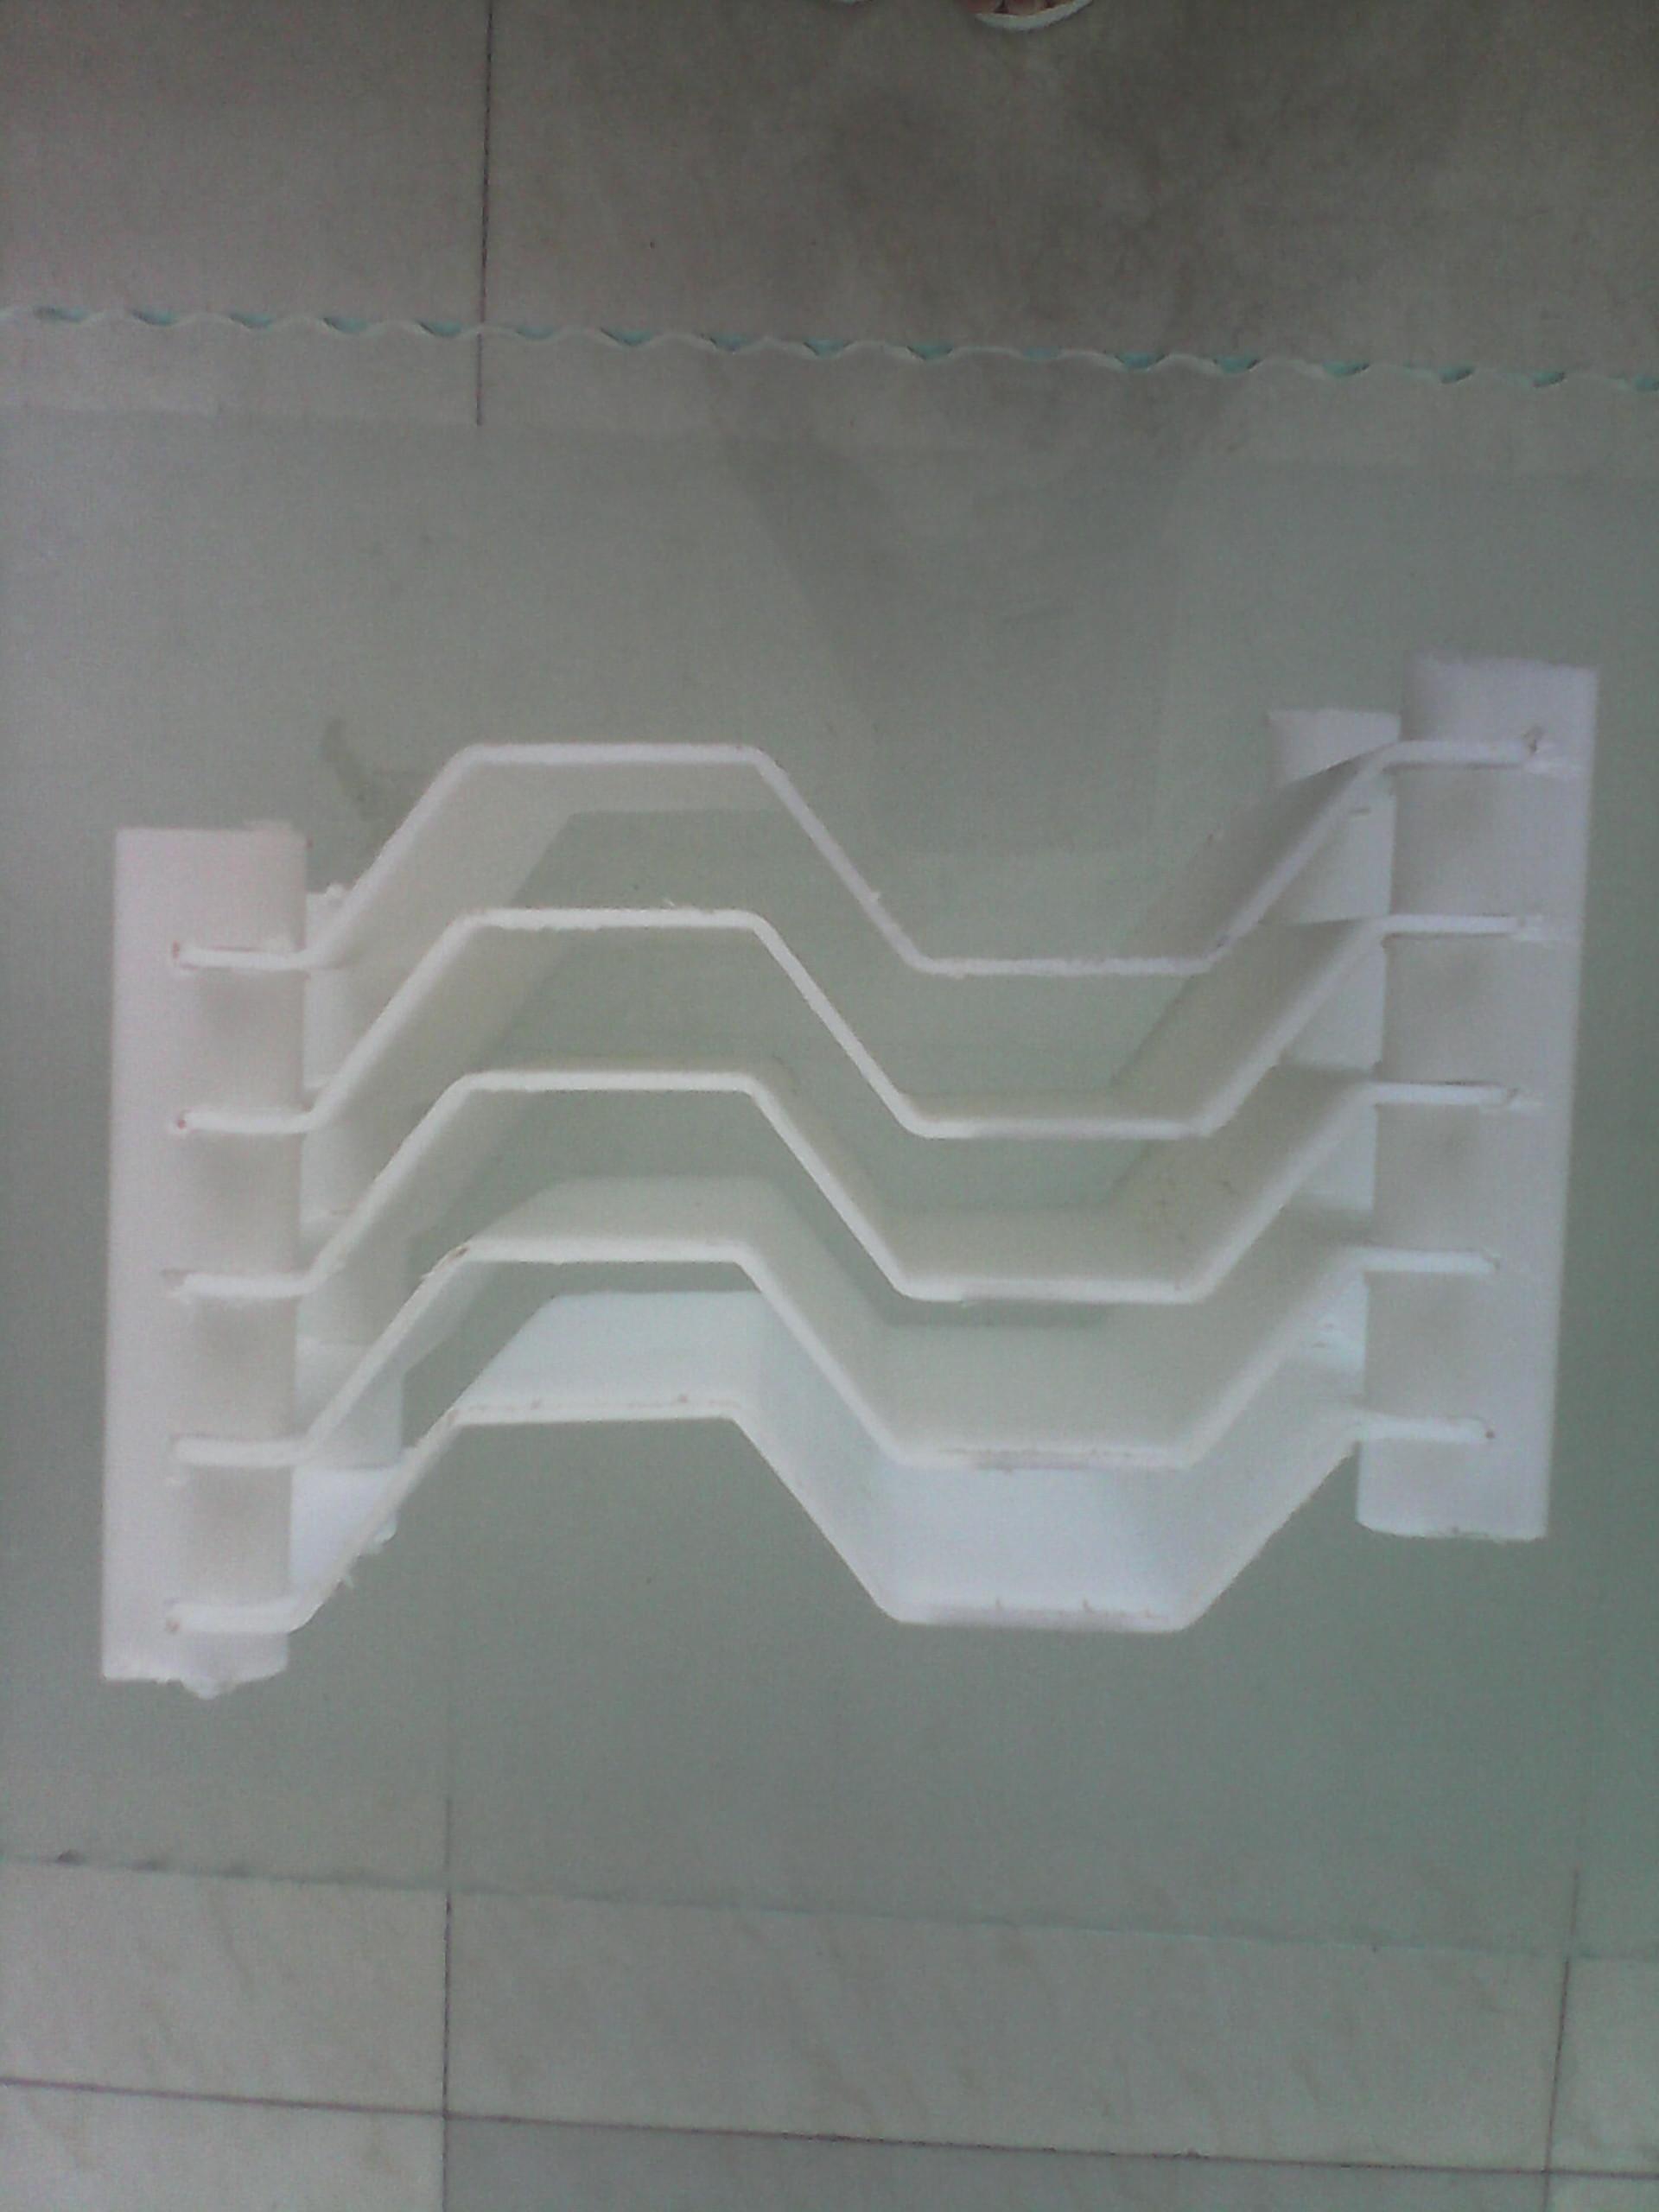 供应河北质量良好的玻璃钢除雾器 价位合理的玻璃钢除雾器供应